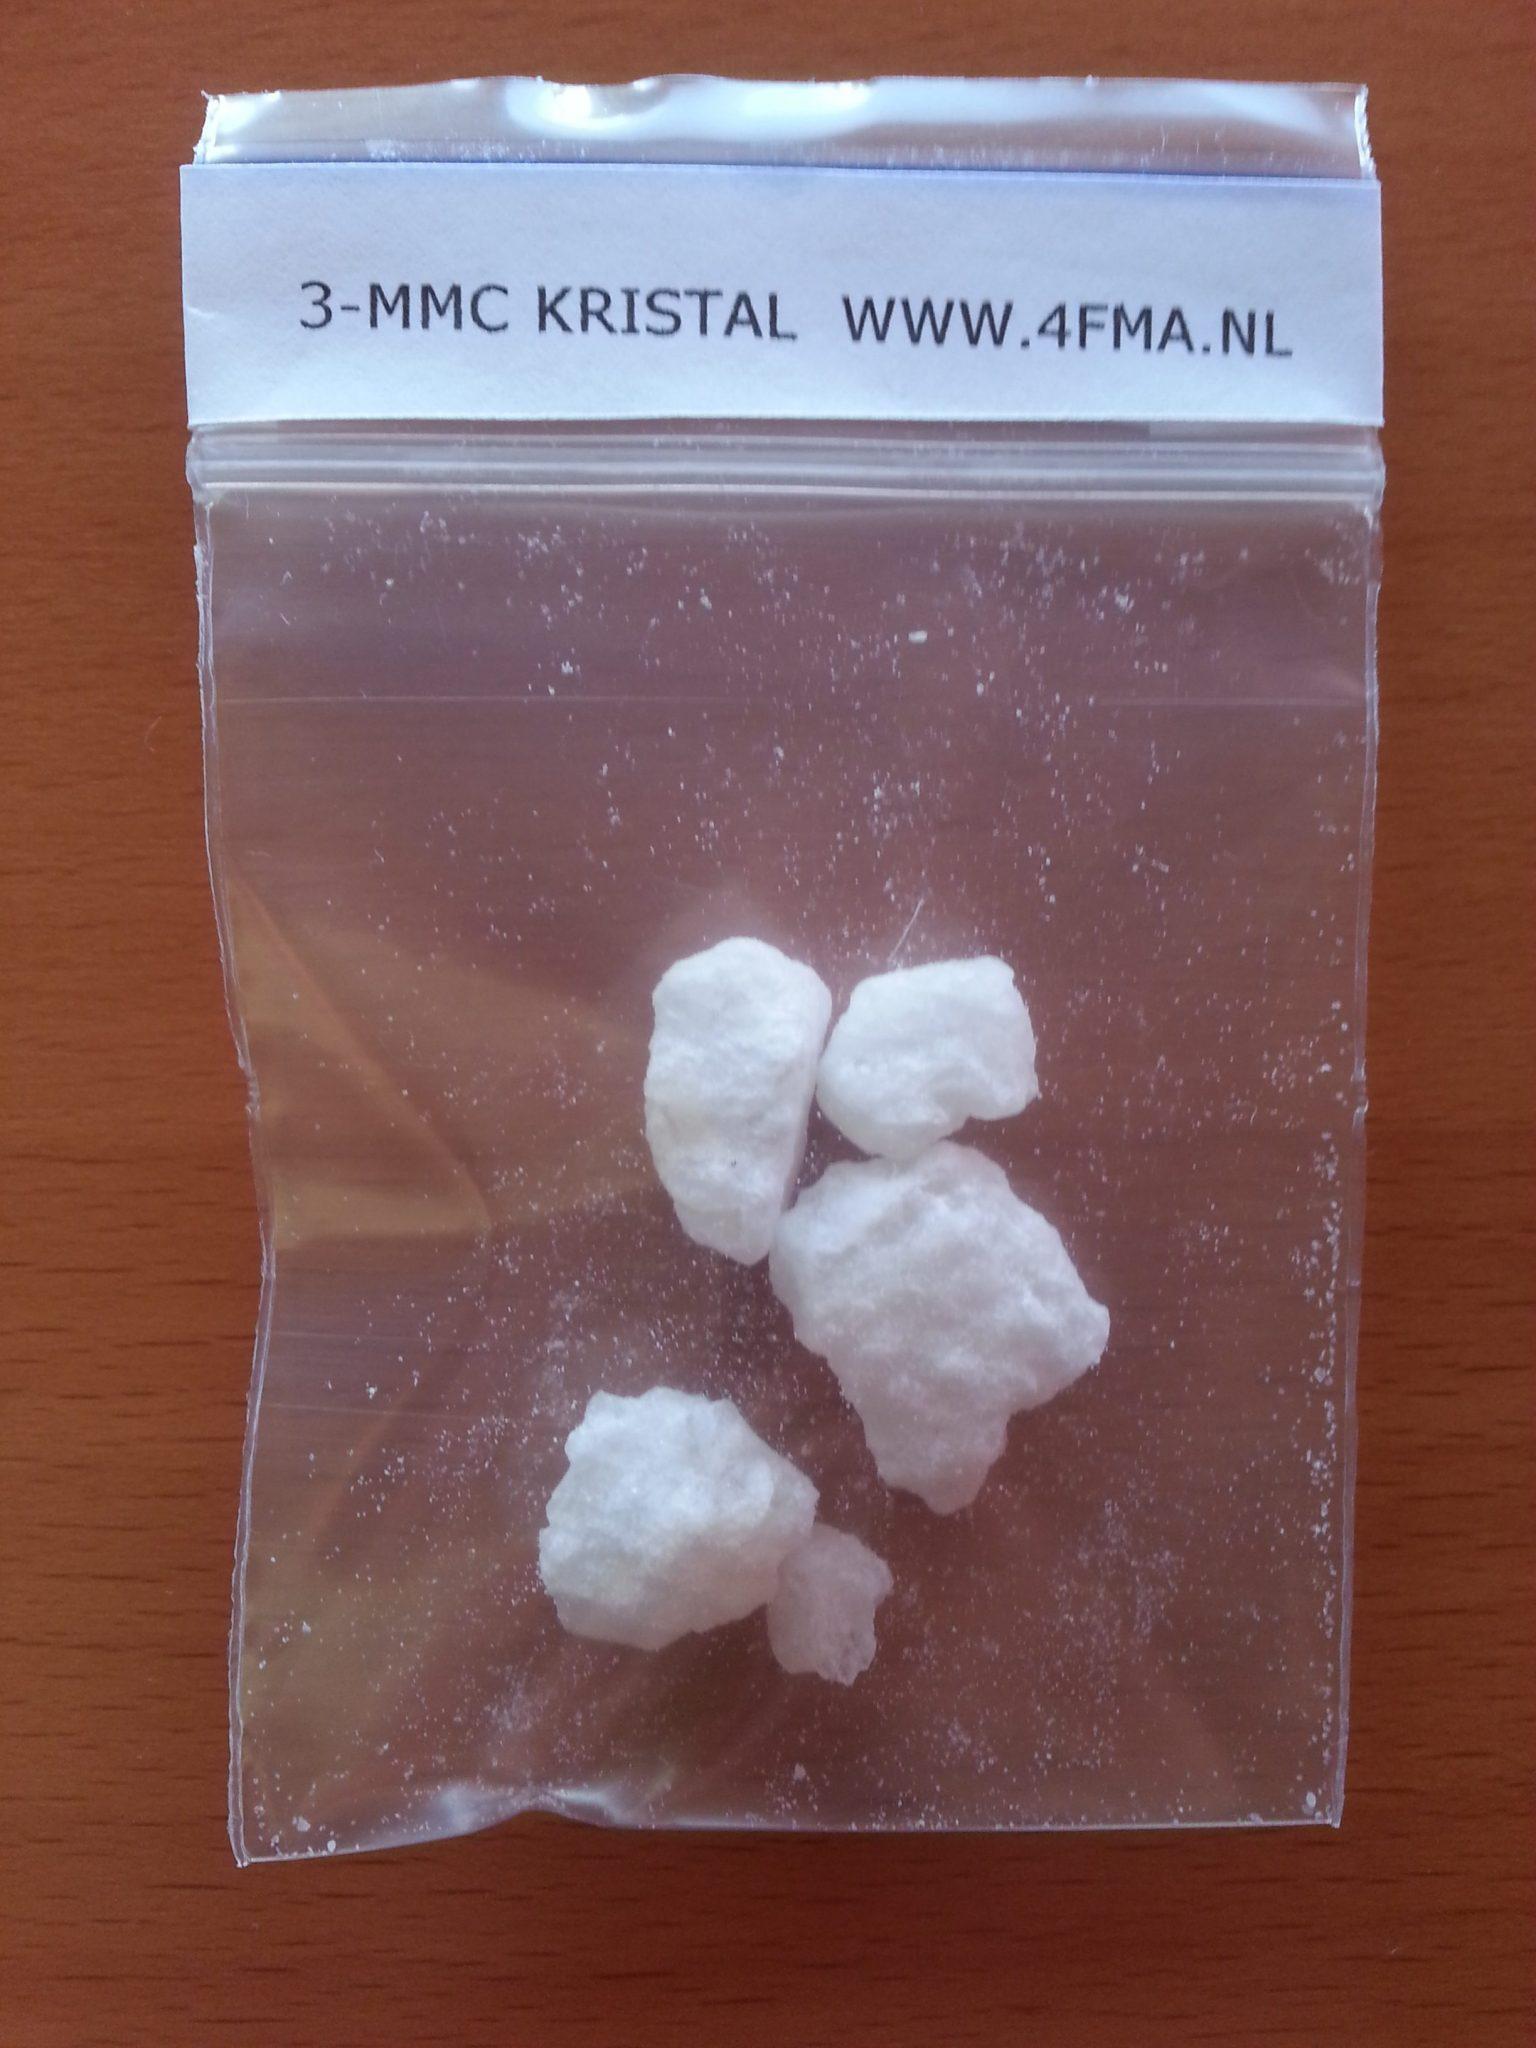 3-MMC kristal kopen doe je snel en veilig bij 4FMA.NL